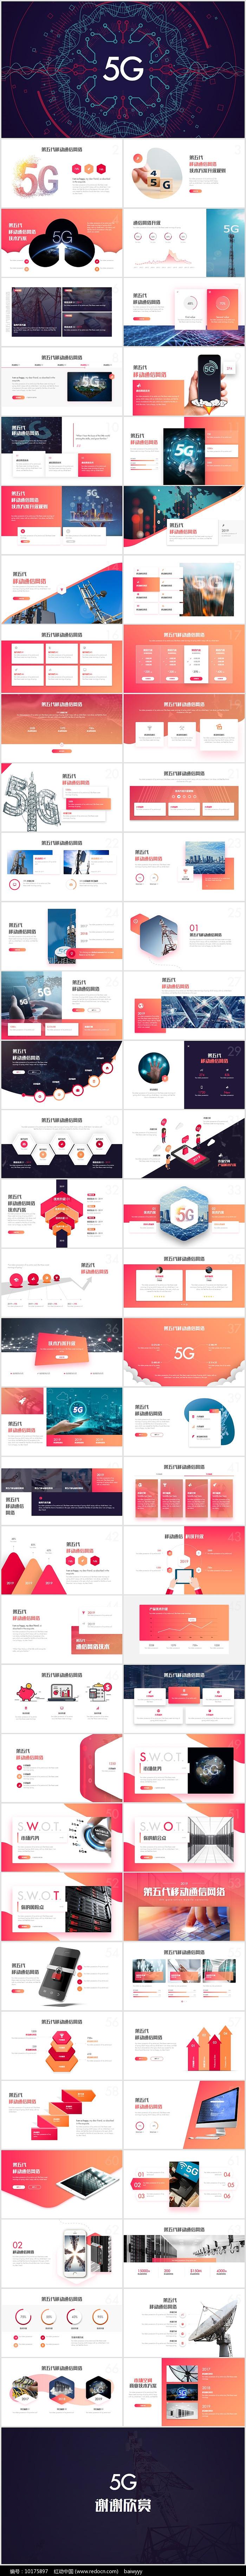 5G移动通信网络科技PPT图片